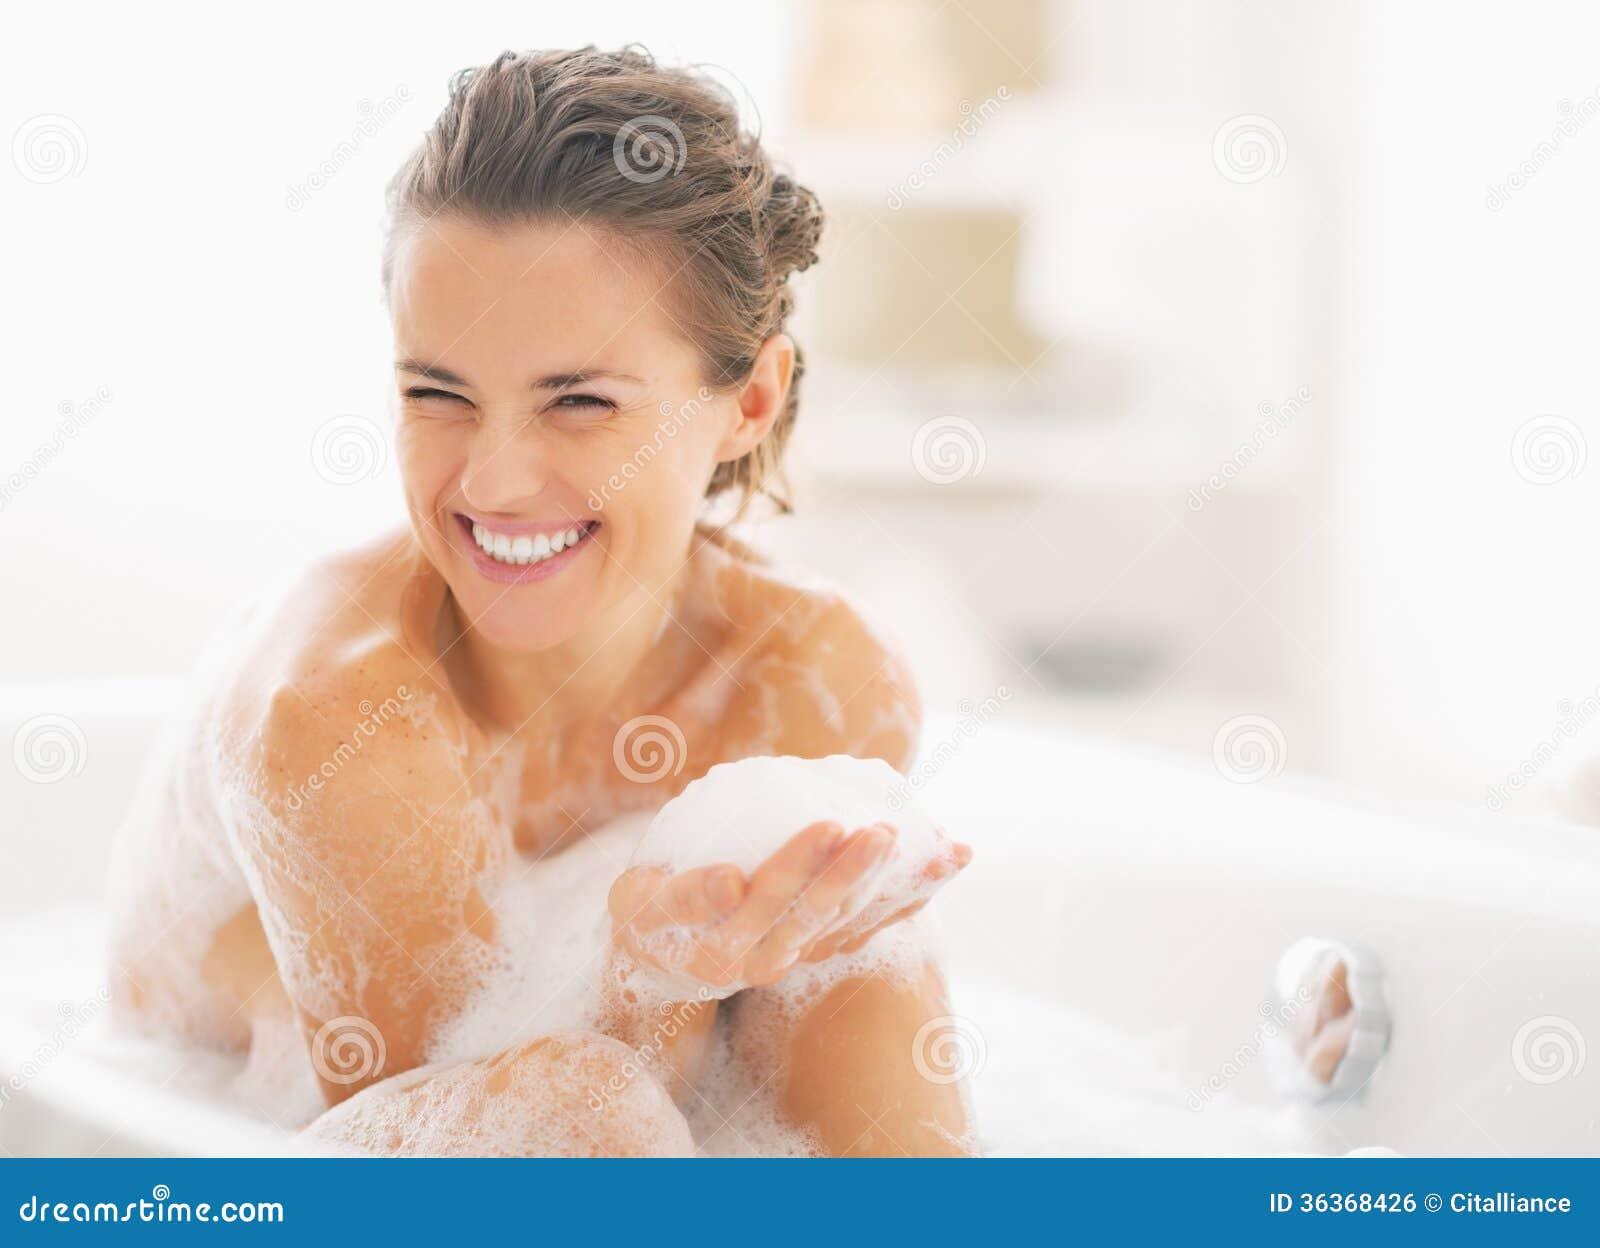 Portret bawić się z pianą w wannie szczęśliwa młoda kobieta